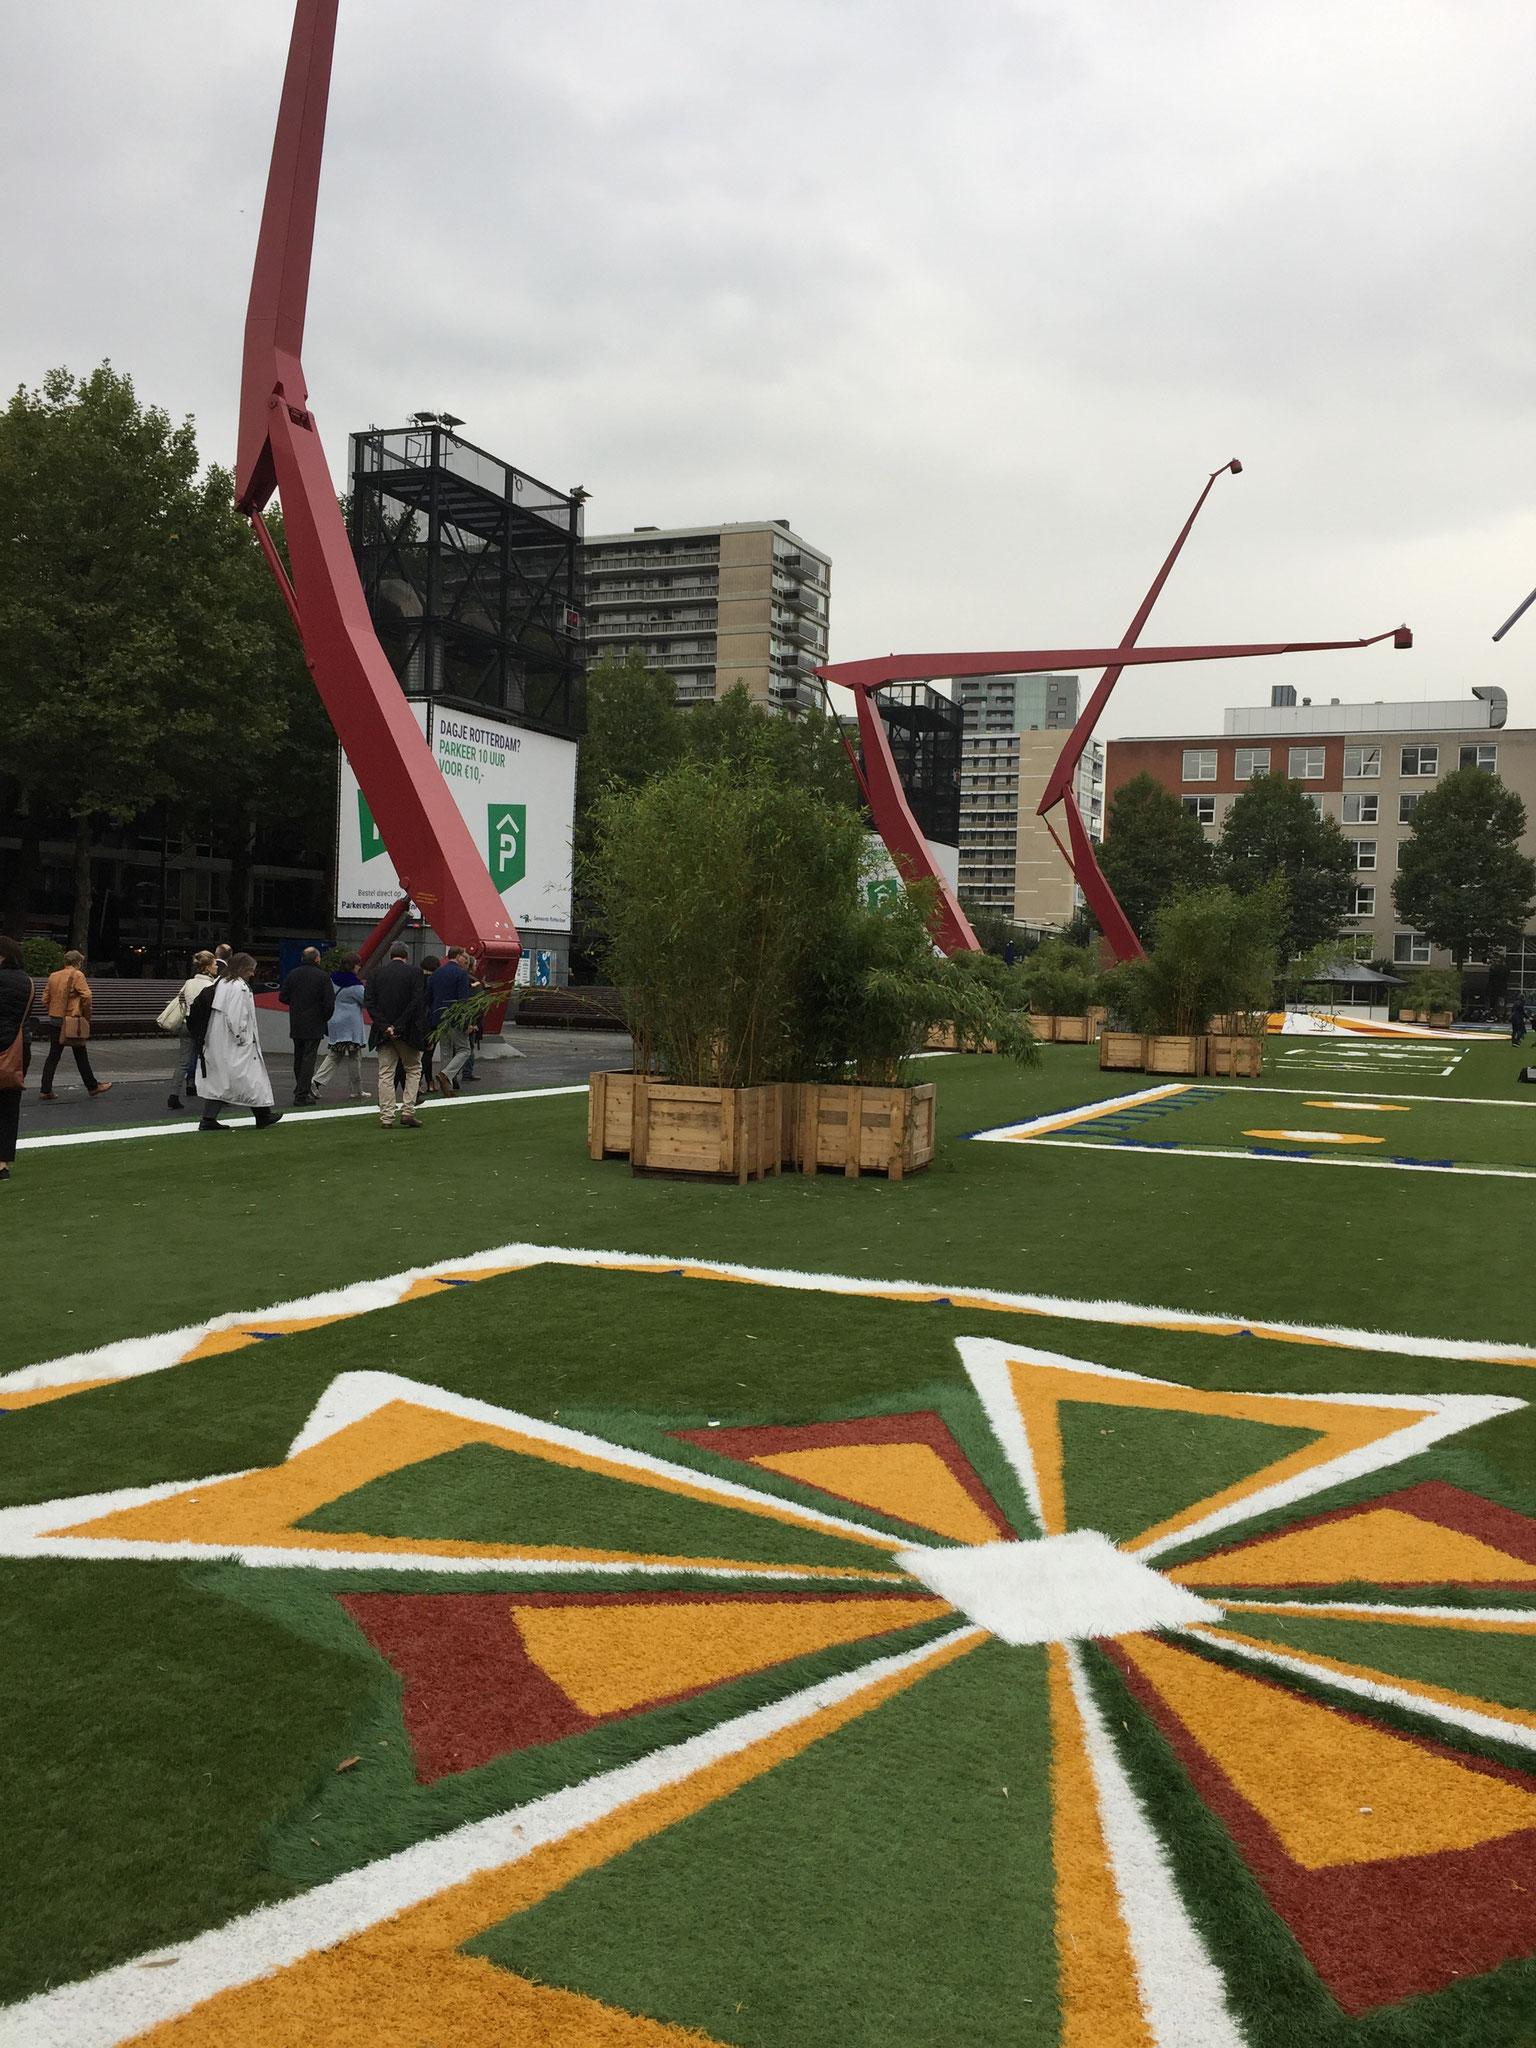 Kunststoffrasen auf einem innerstädtischen Platz über einer TG